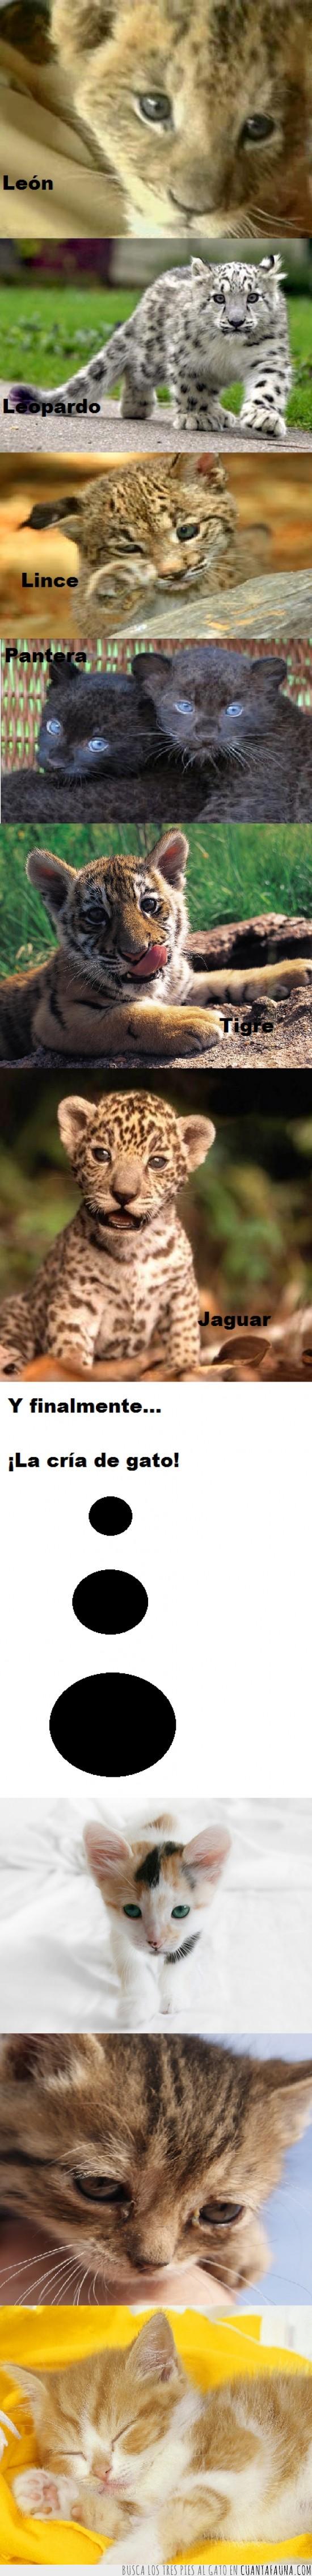 felino,fotos,gato,gatos,jaguar,león,leopardo,monos,pantera,puma